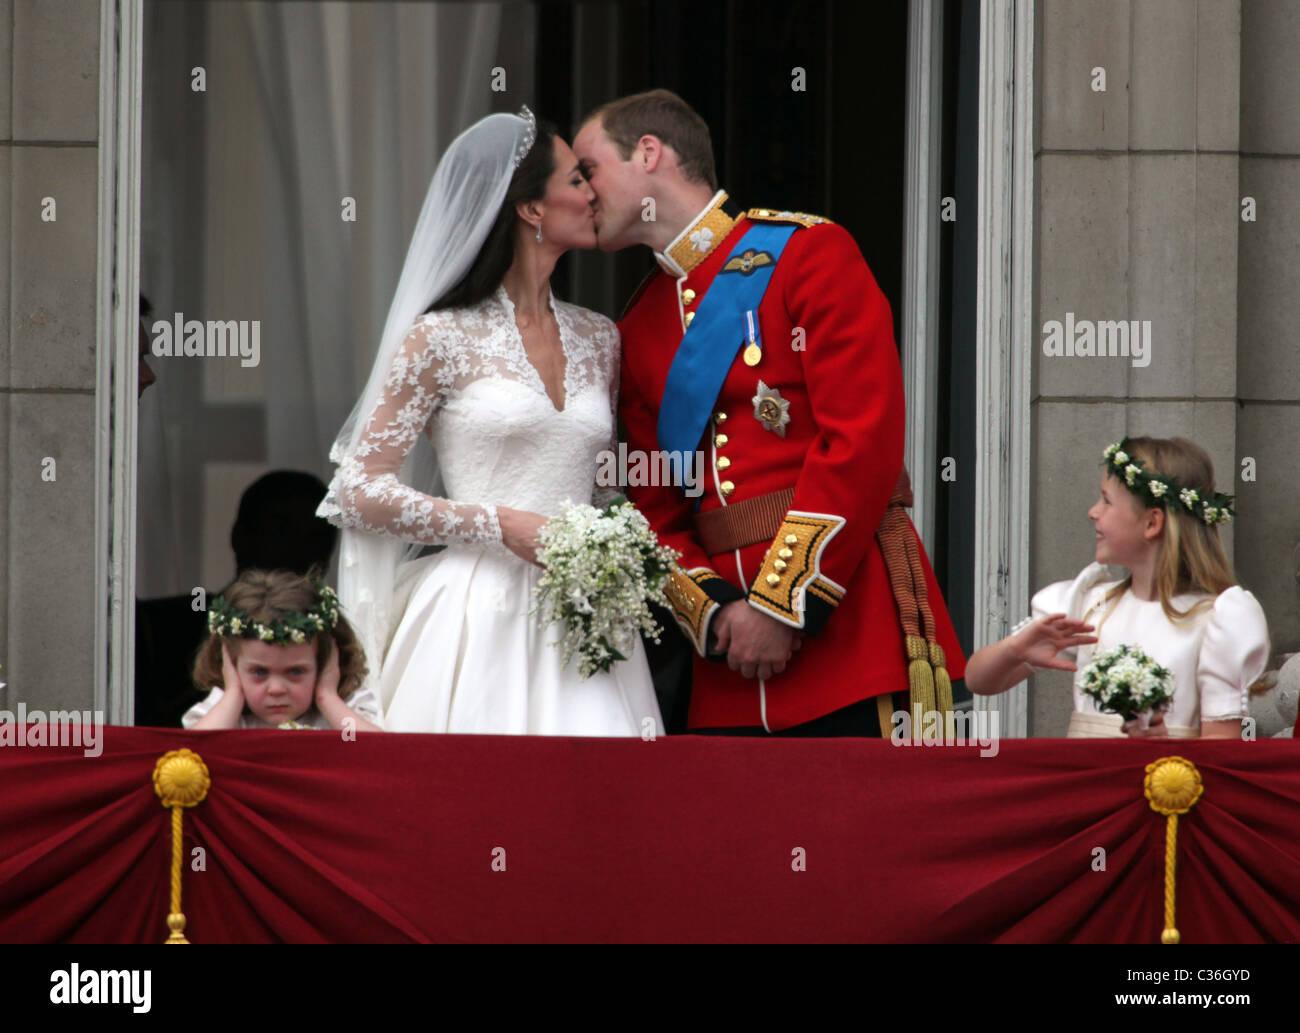 Le duc et la duchesse de Cambridge APRÈS LEUR MARIAGE - Buckingham Palace. 29.4.11 PHOTOS PAR NICHOLAS BOWMAN Photo Stock